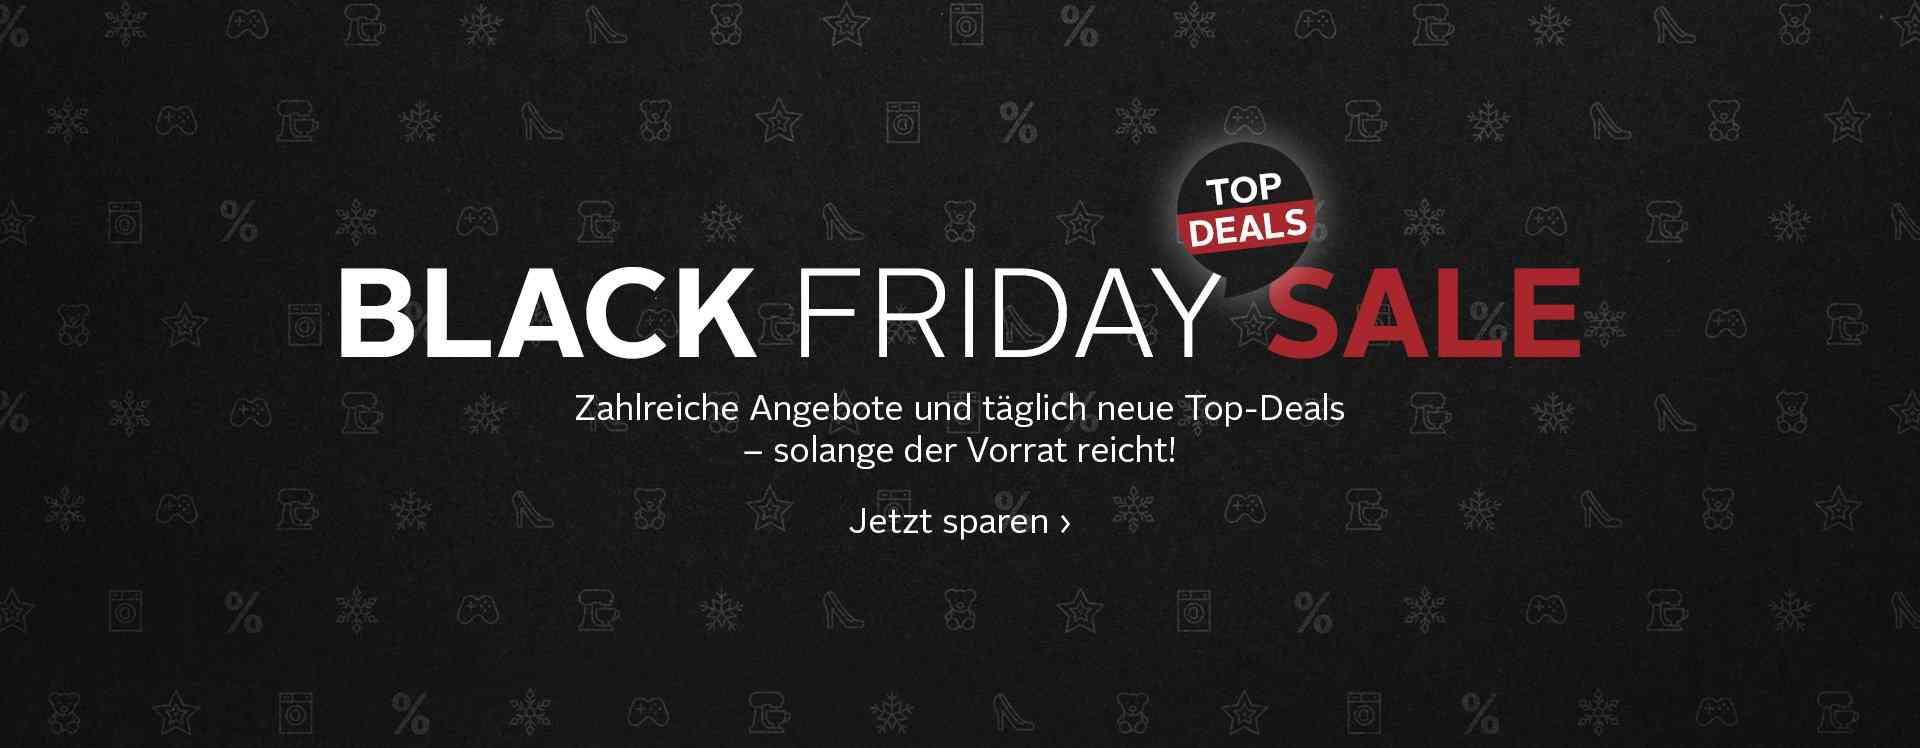 Otto Versand Black Friday